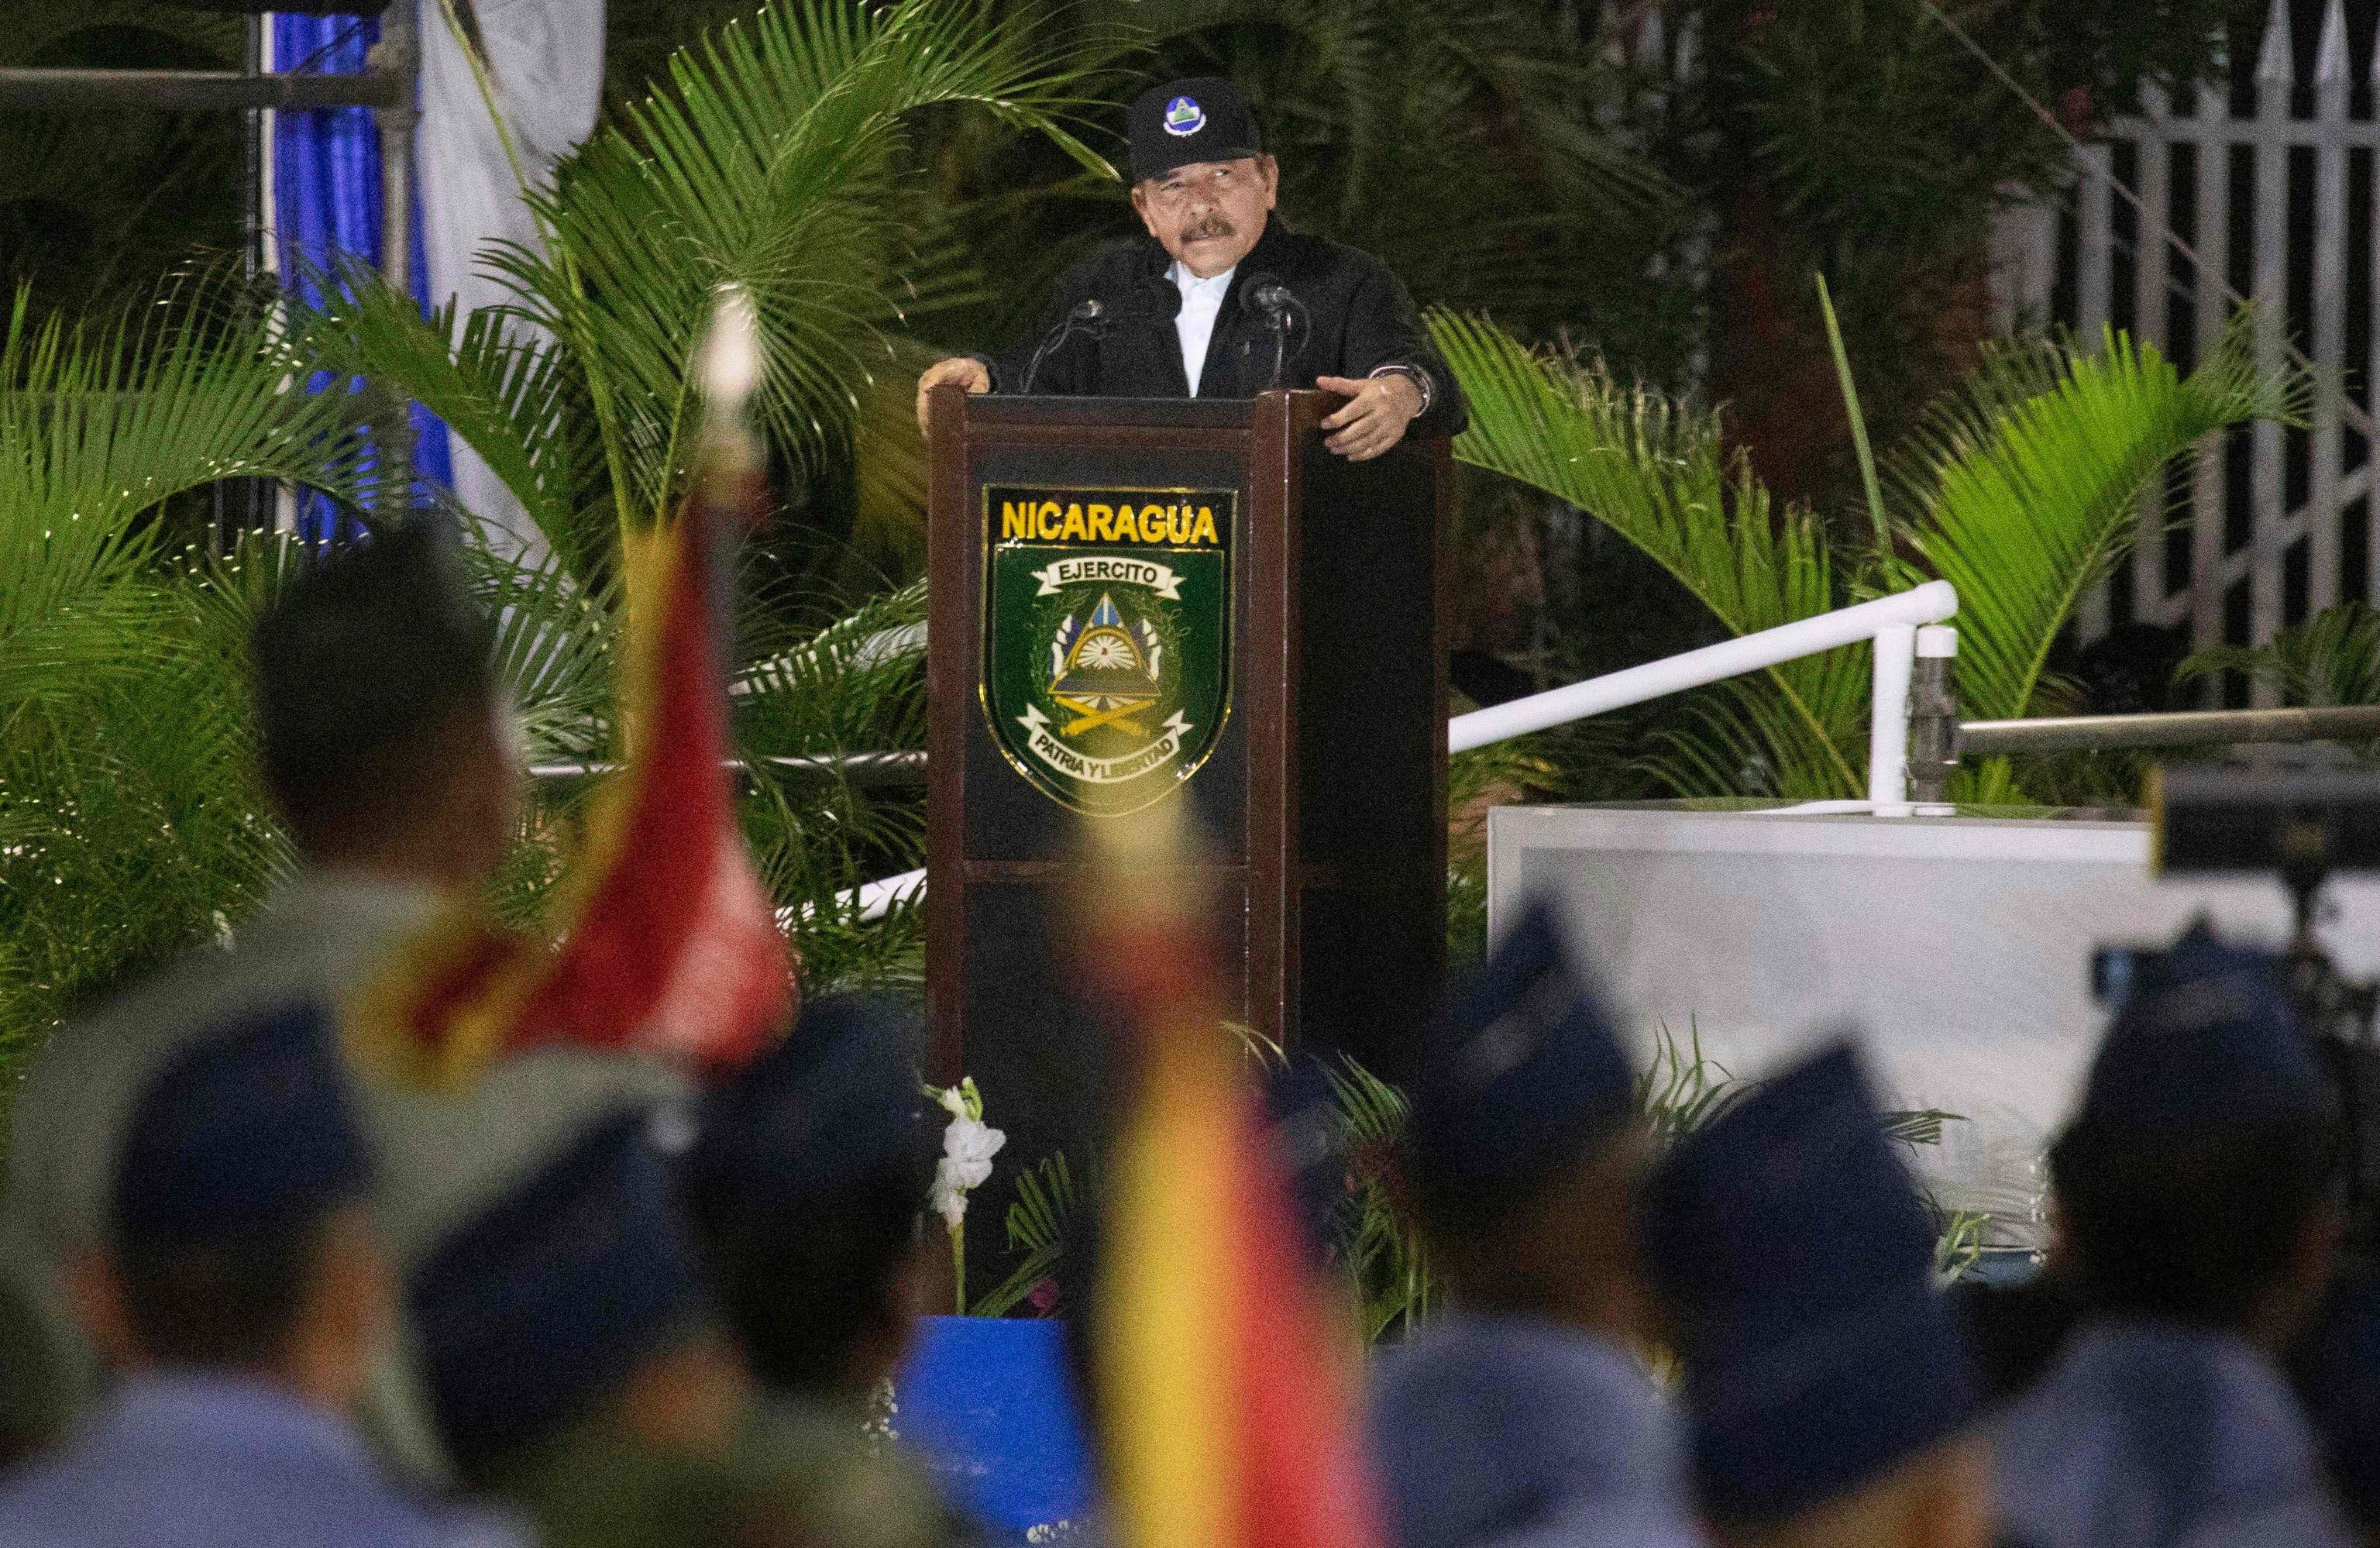 رئیس جمهور نیکاراگوئه ، دانیل اورتگا ، در آخرین سخنرانی خود با